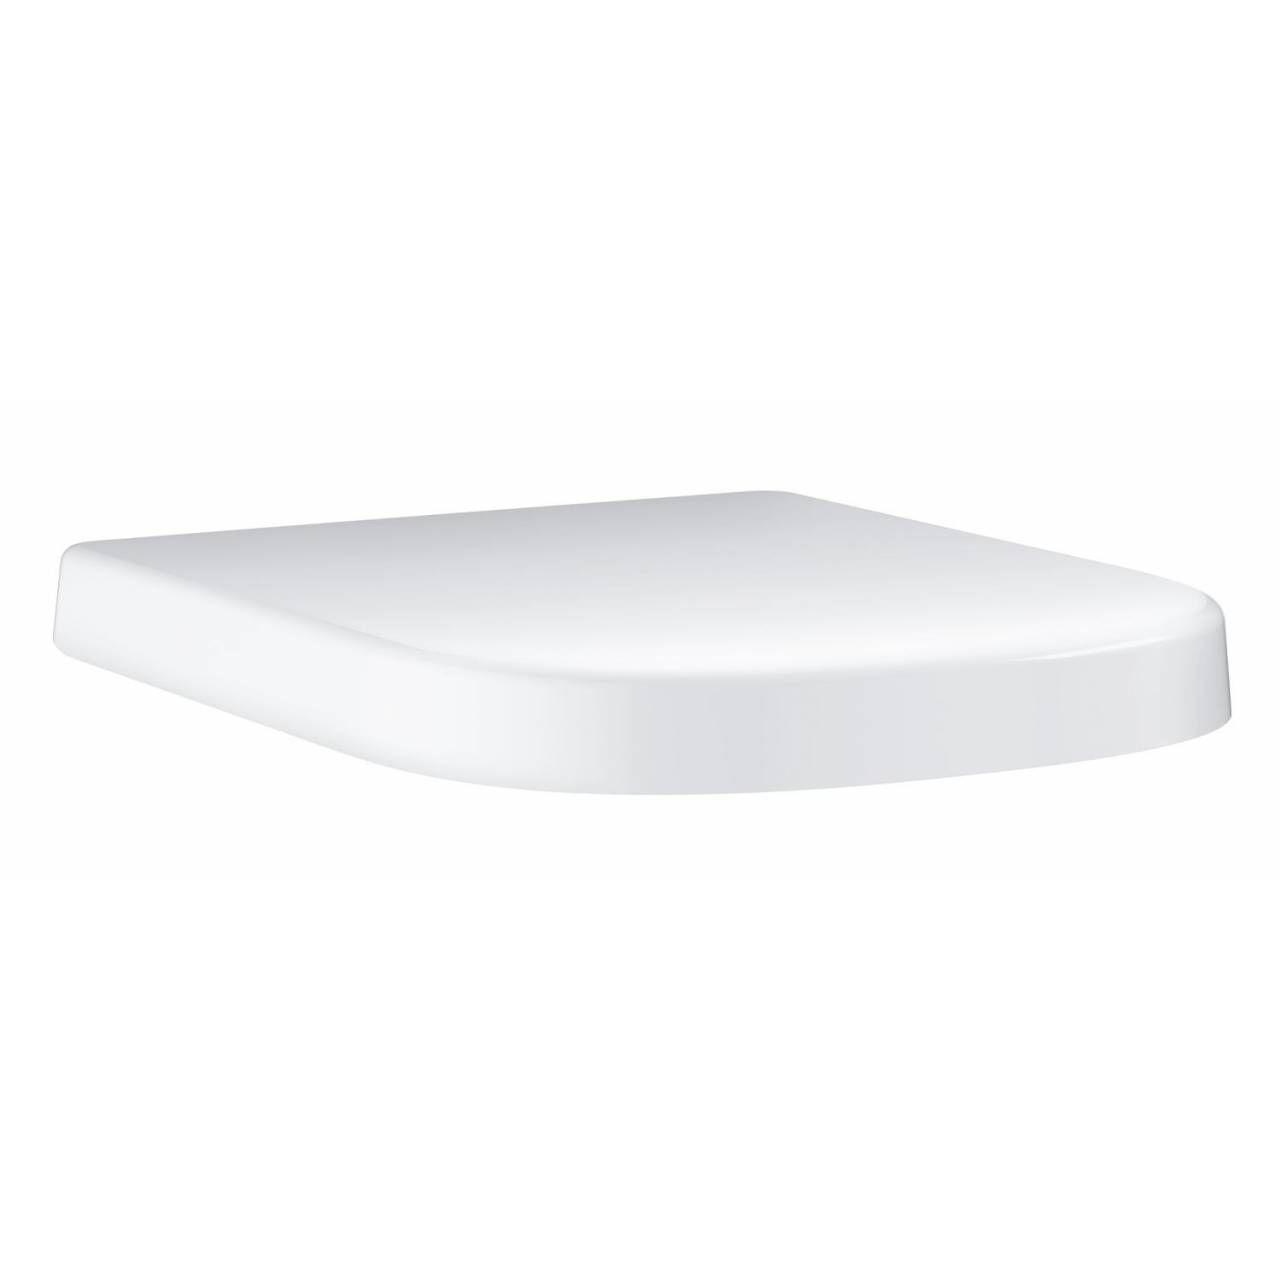 Крышка-сиденье Grohe Euro Ceramic 39330001 с микролифтом ФОТО